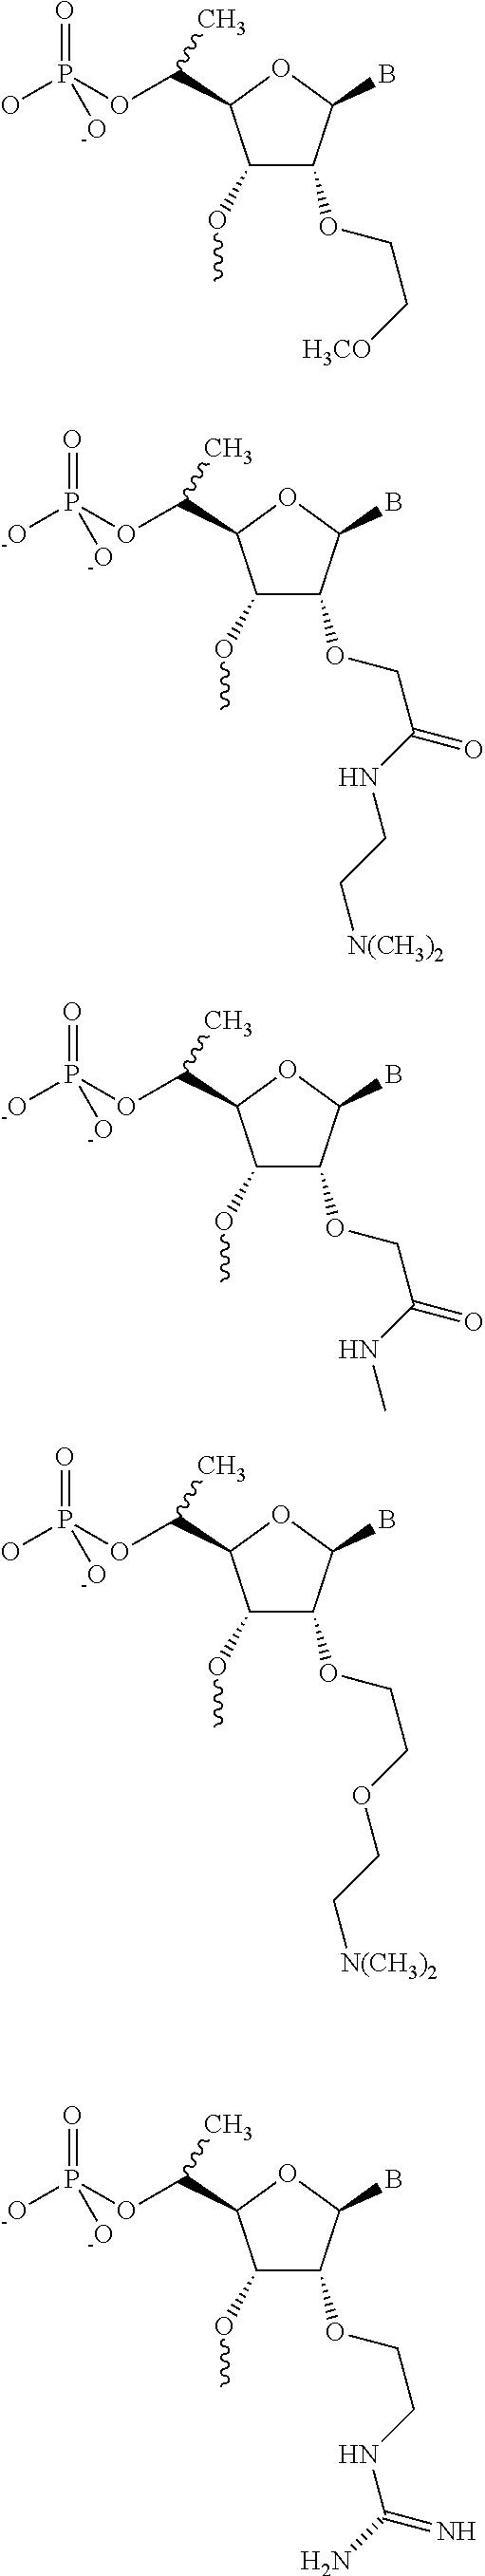 Figure US09738895-20170822-C00039